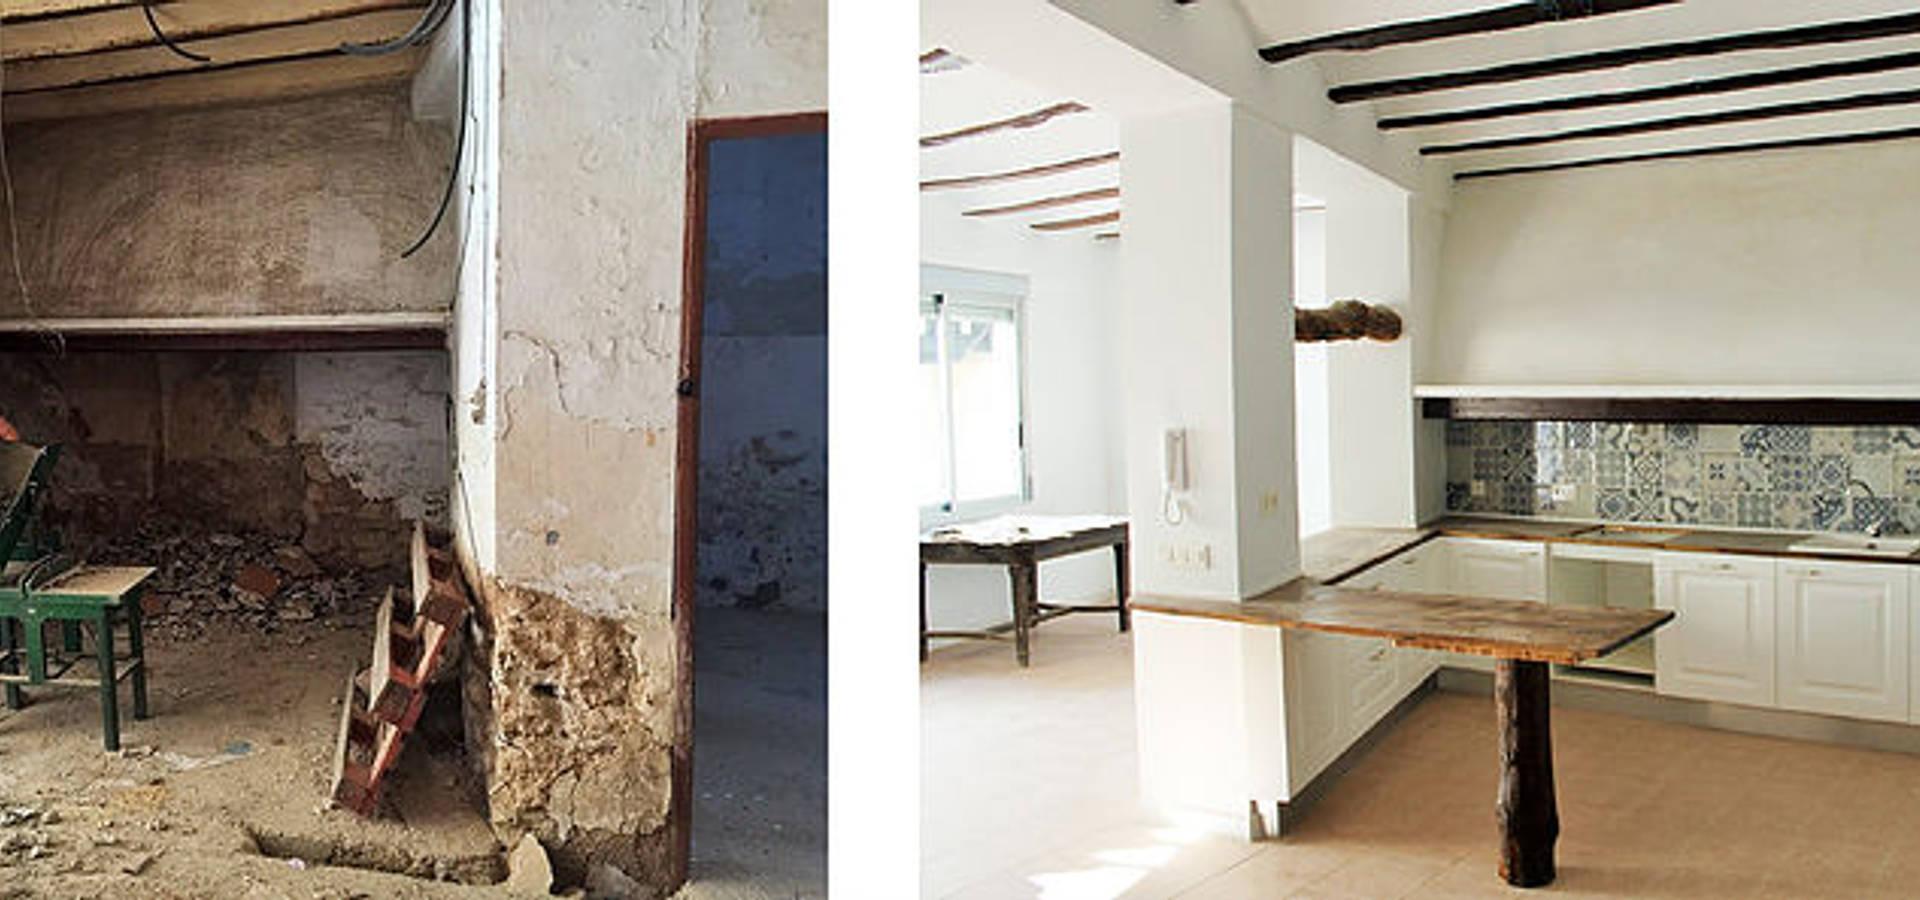 AG arquitectura Gorris